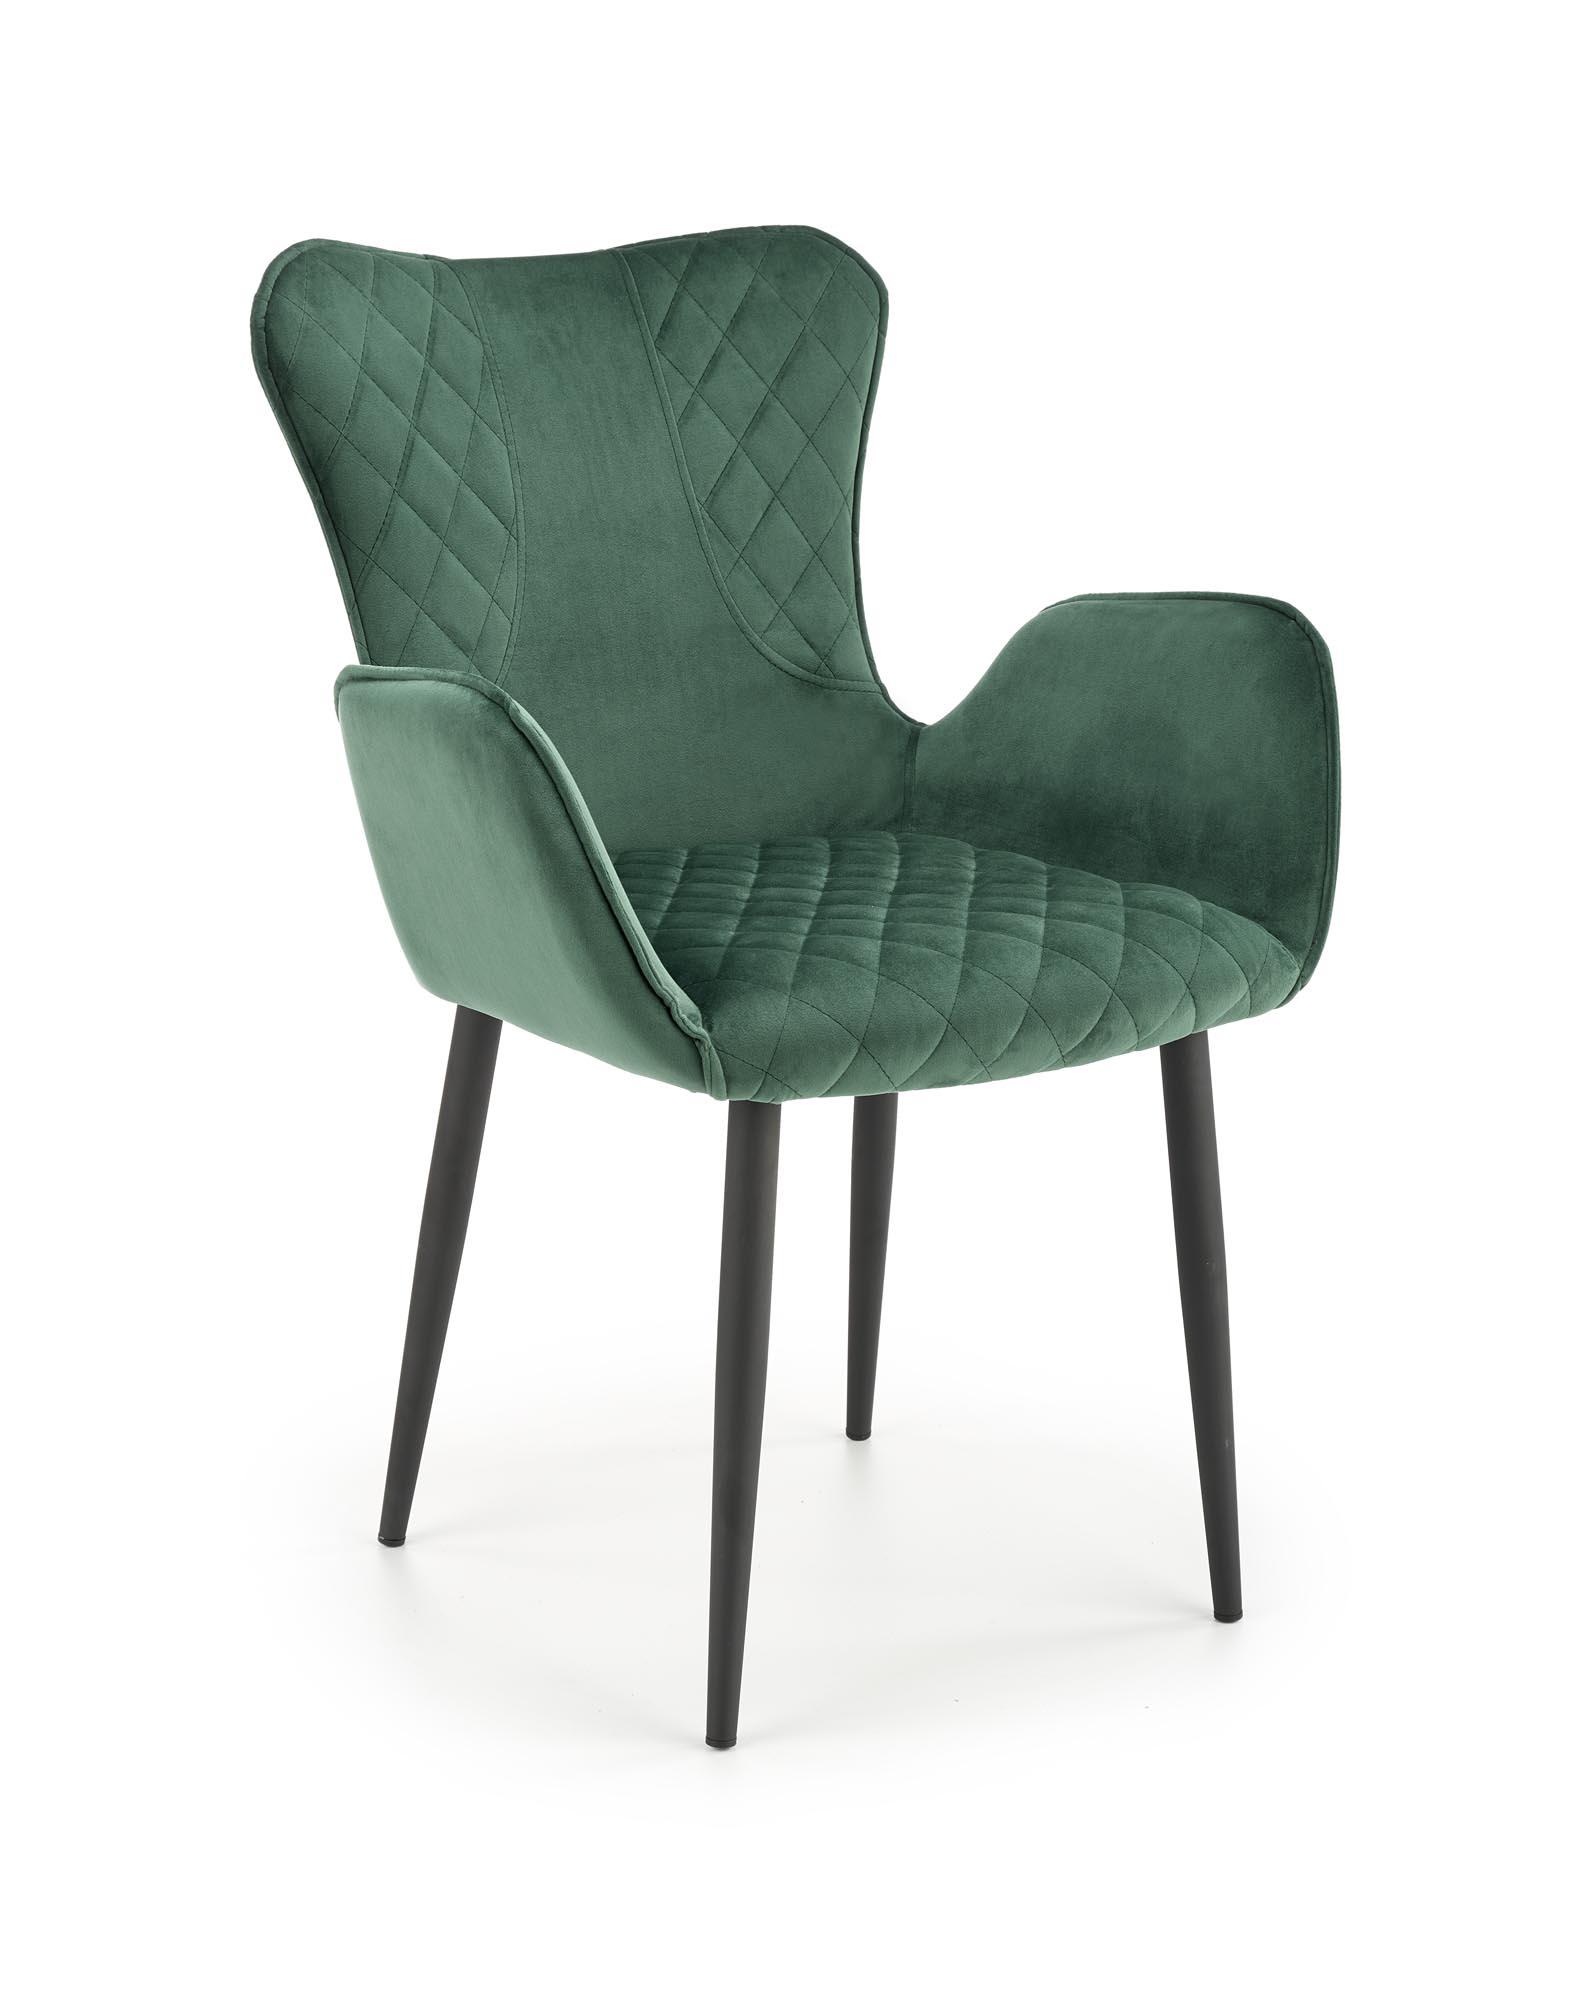 K427 krzesło ciemny zielony